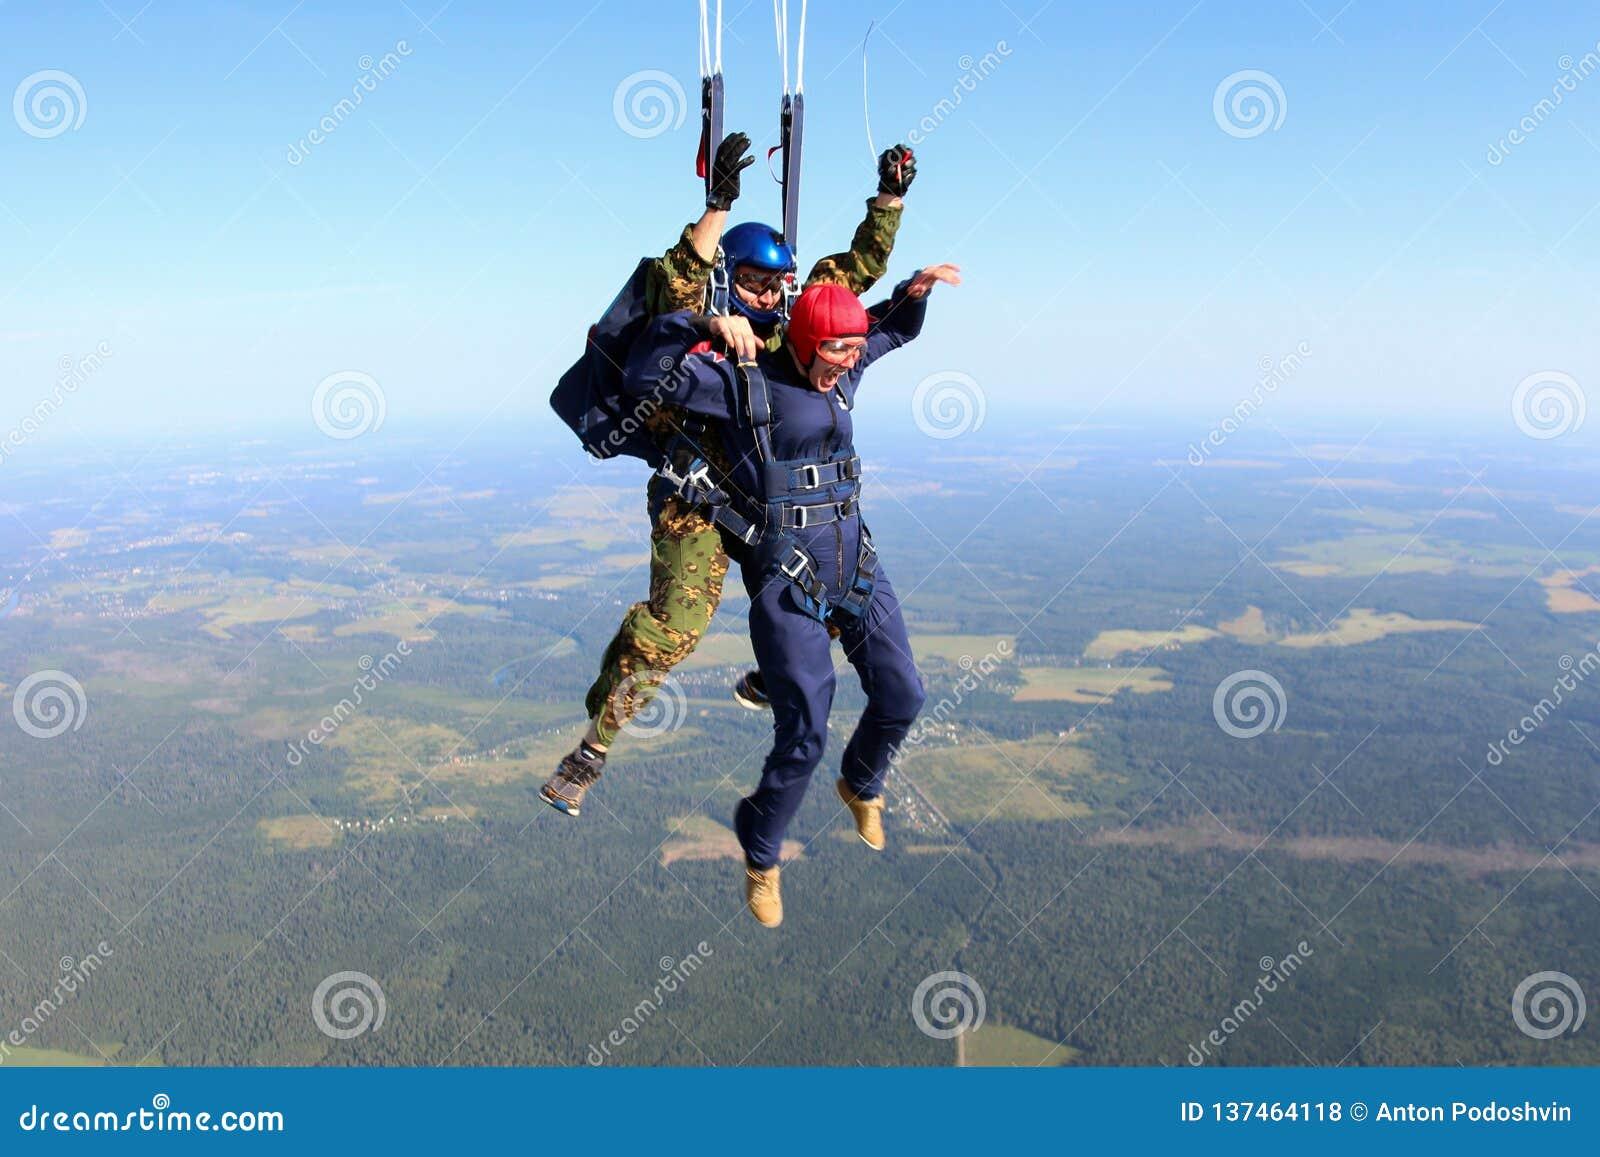 Skydiving Der Moment der Fallschirmentwicklung